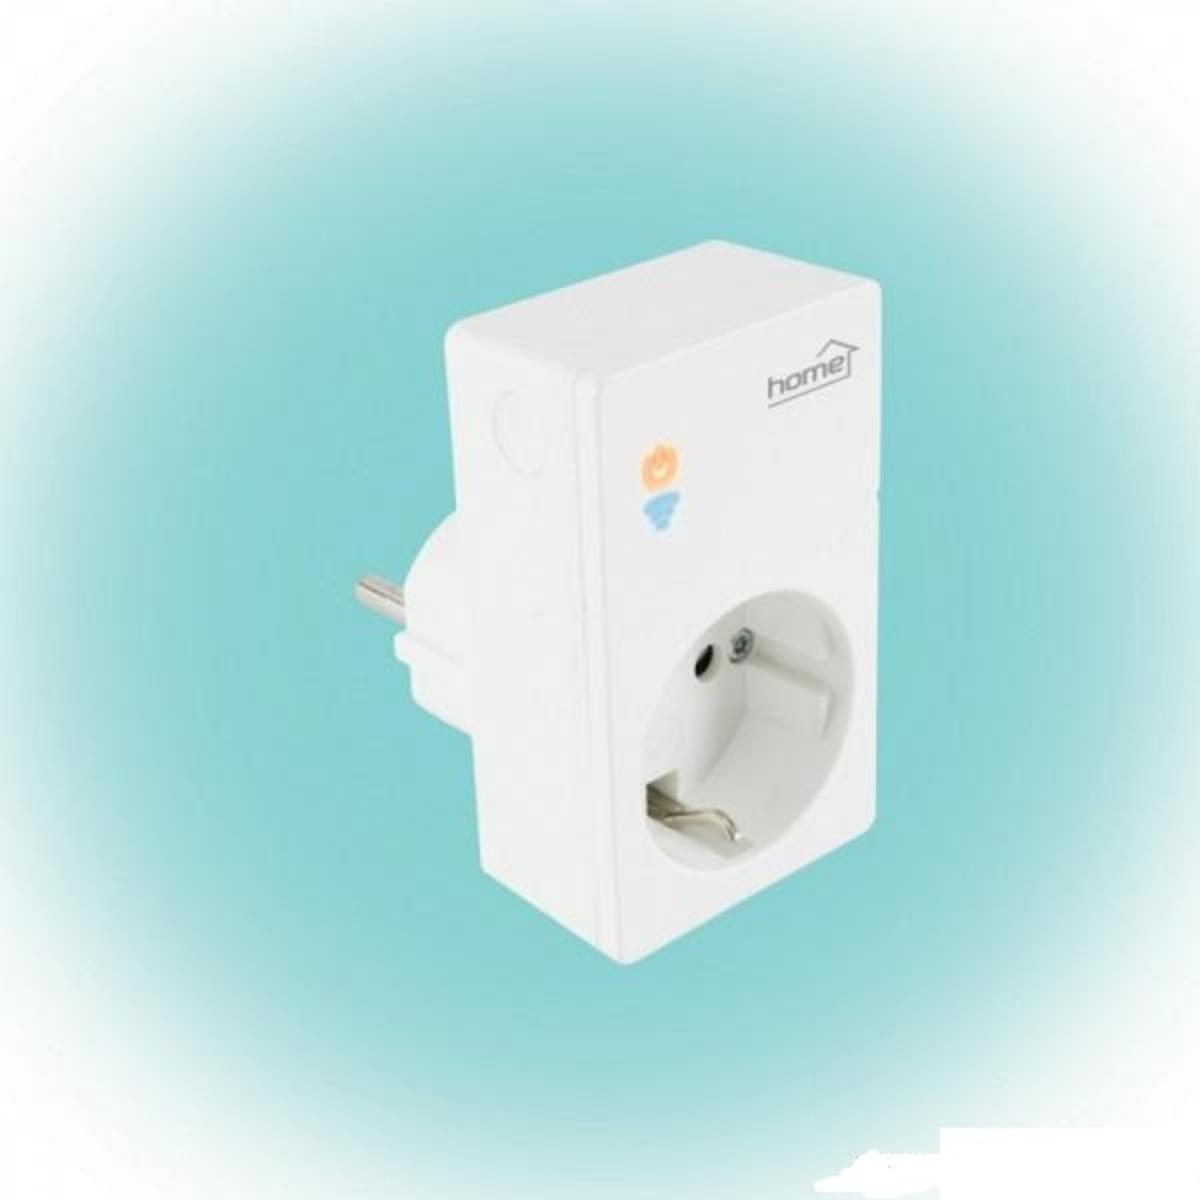 Home by Somogyi NVS 1 PRO SMART (WiFi) aljzat, fogyasztásmérős, fehér